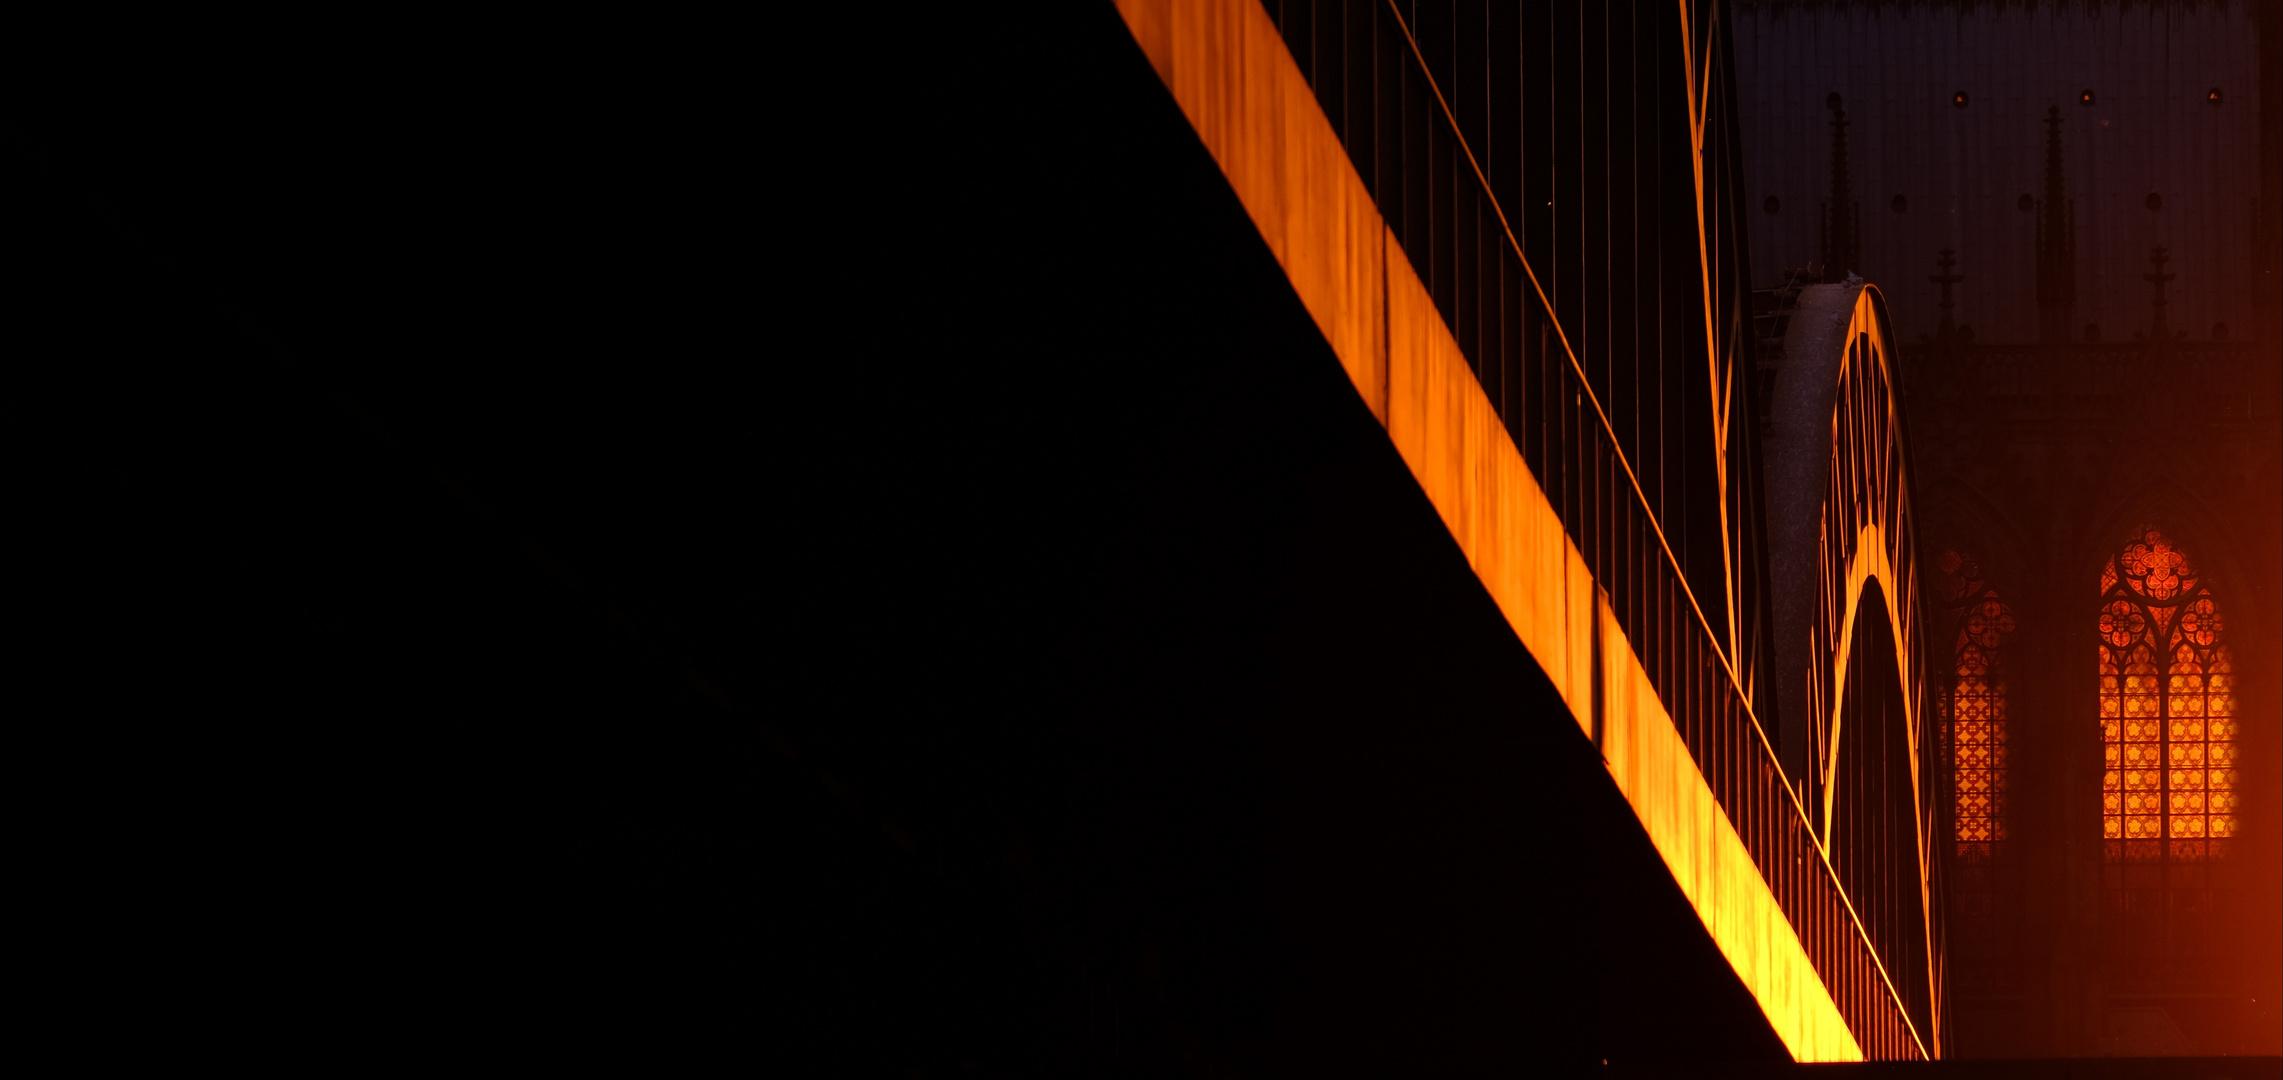 Köln - Hohenzollernbrücke und Domfenster im Sonnenuntergang